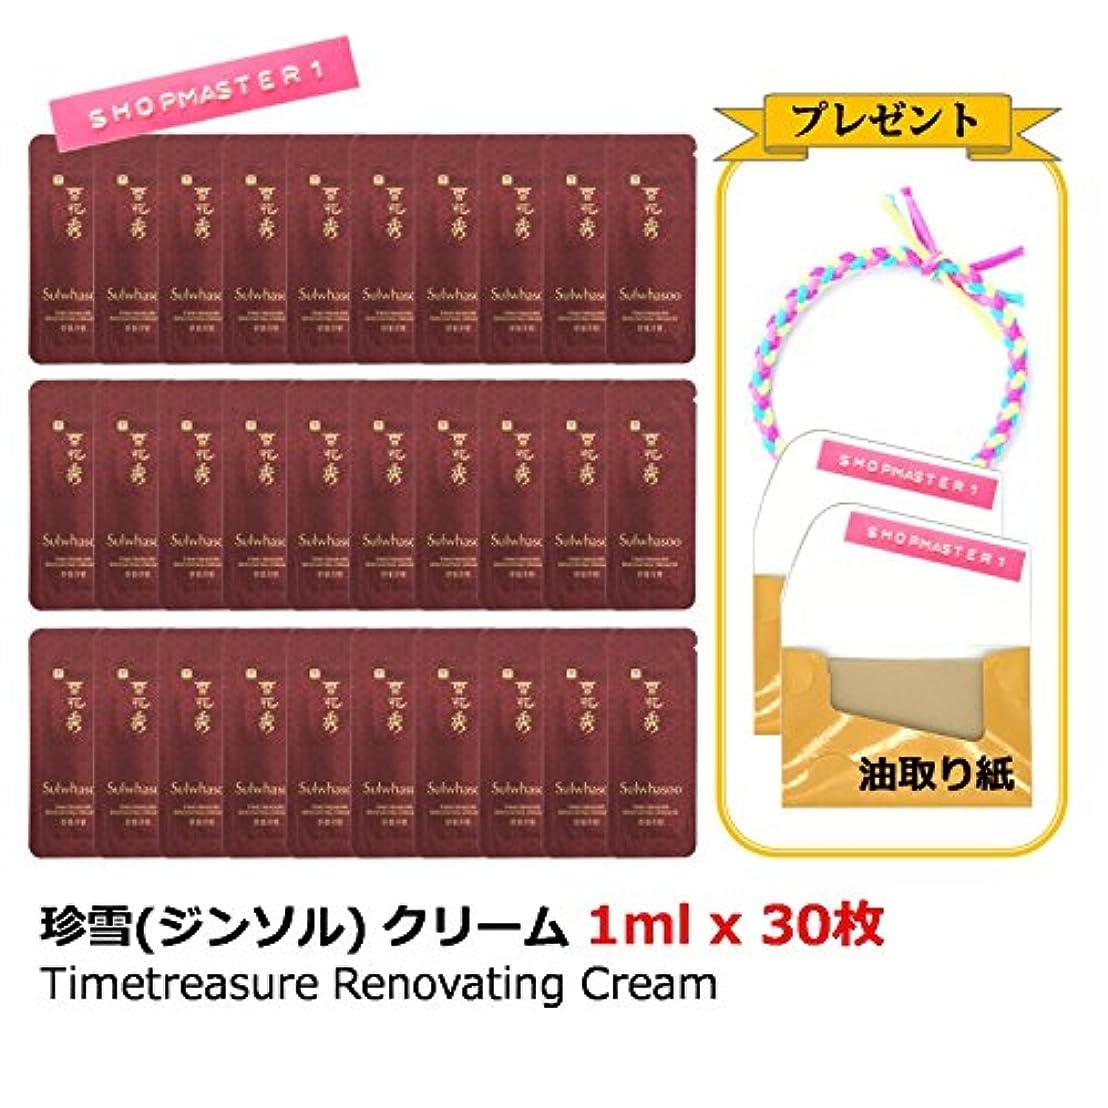 好意リテラシーわずらわしい【Sulwhasoo ソルファス】珍雪(ジンソル) クリーム 1ml x 30枚 Timetreasure Renovating Cream/プレゼント 油取り紙 2個(30枚ずつ)、ヘアタイ/海外直配送